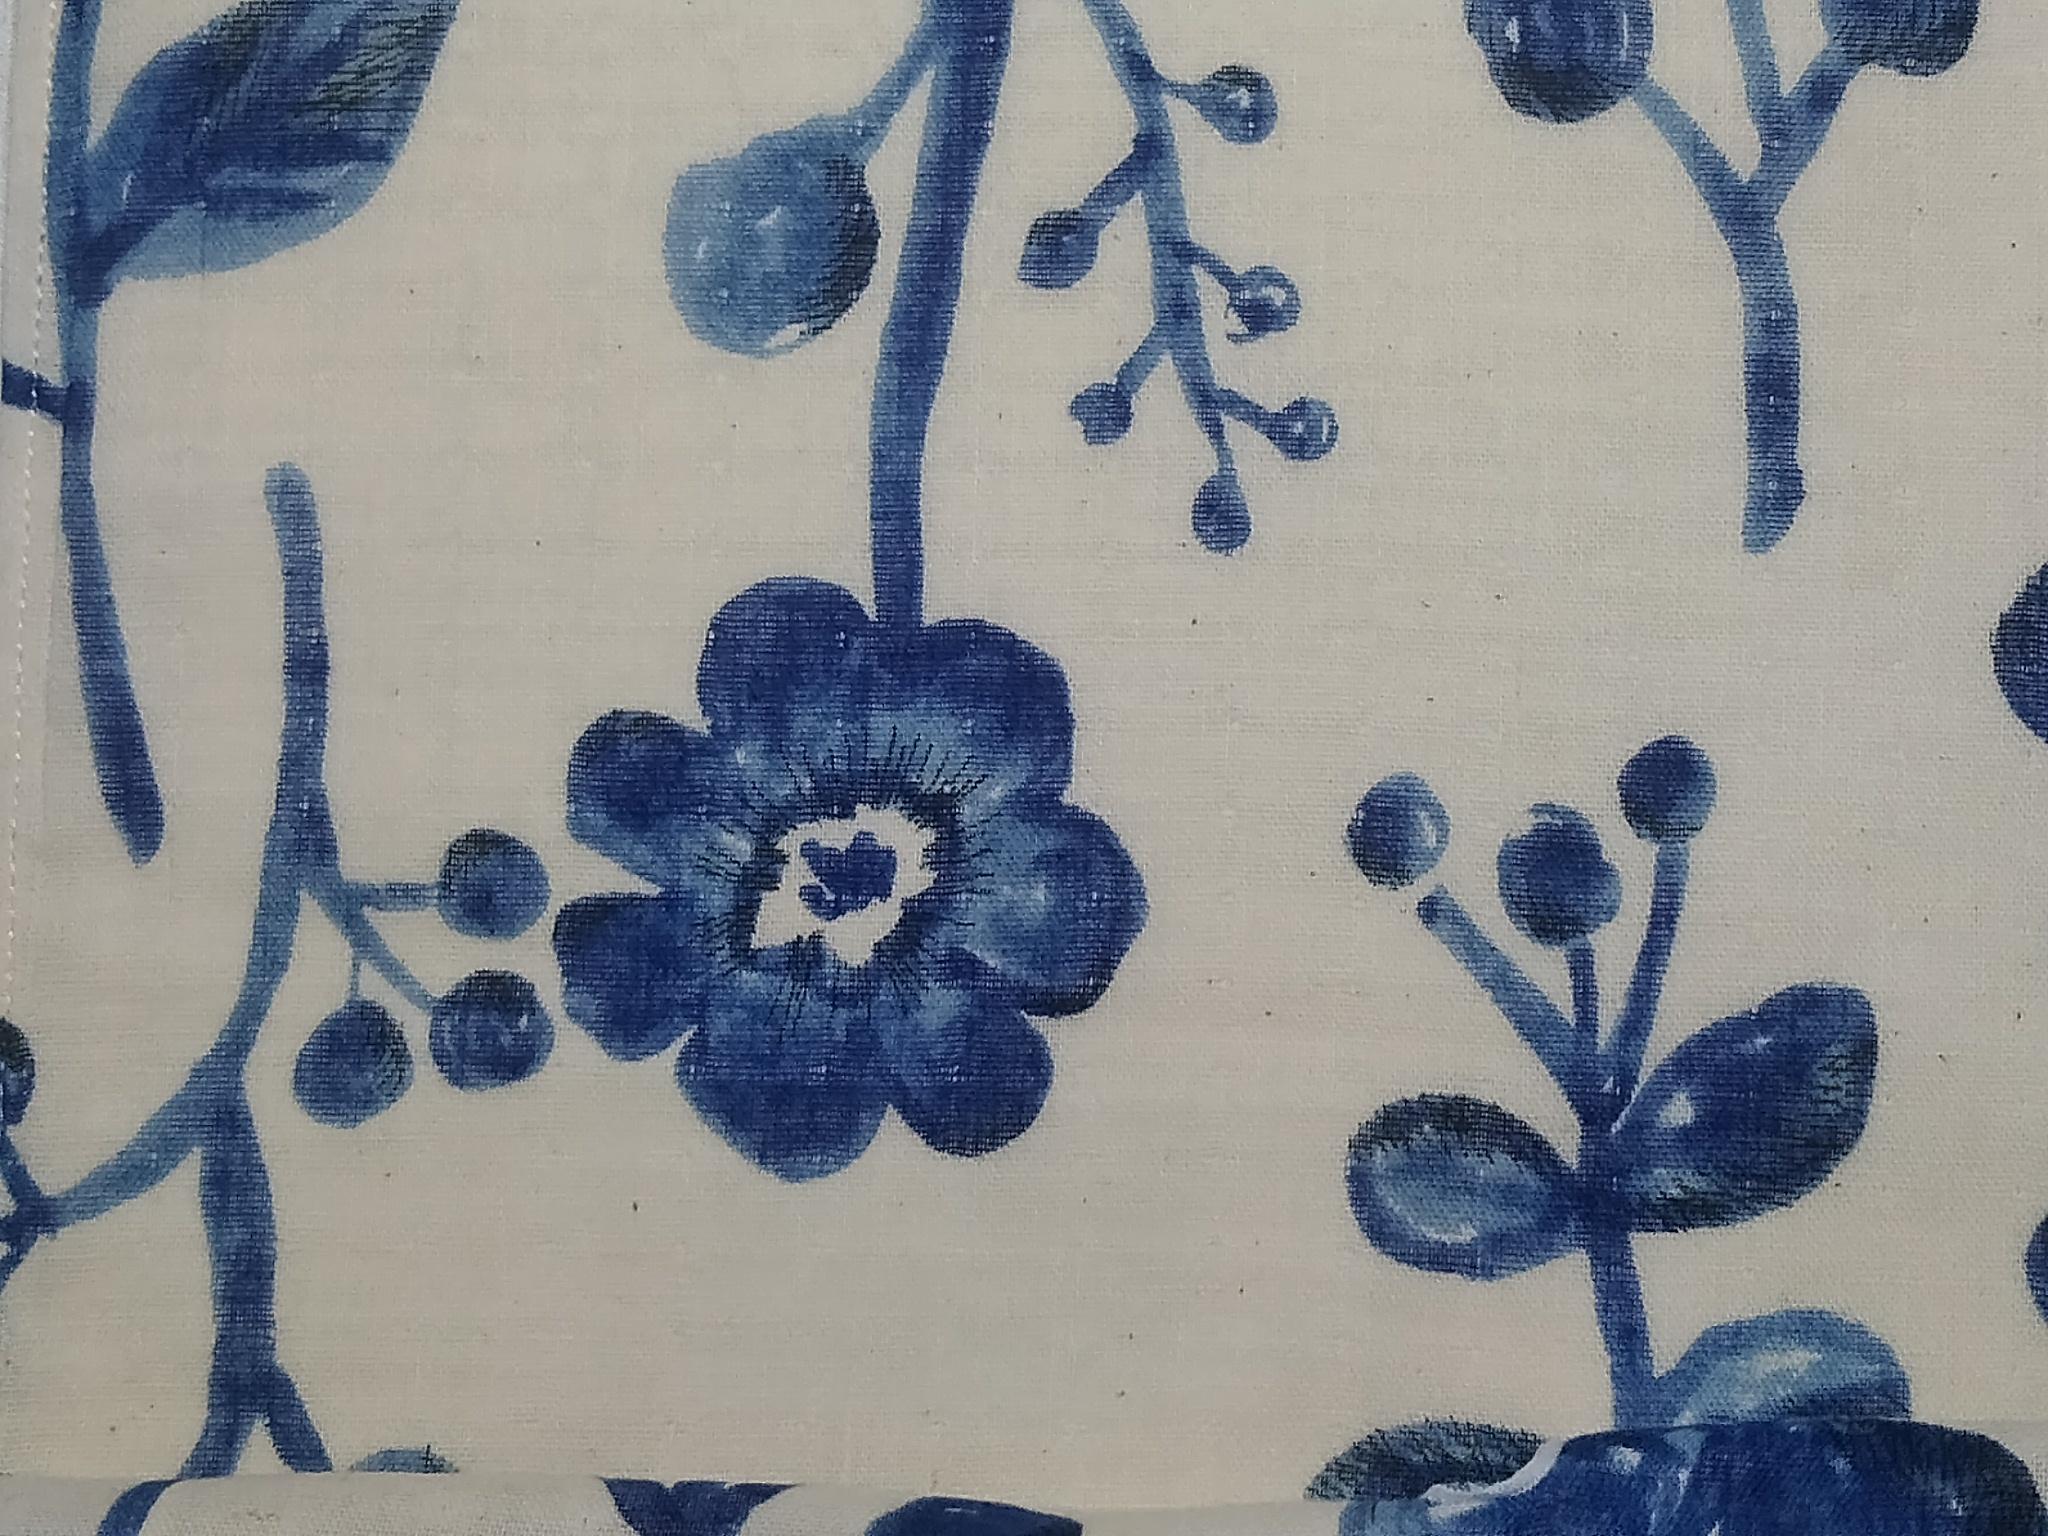 ダブルガーゼの最新パンツ!/白地に青花と鳥/特許取得済み